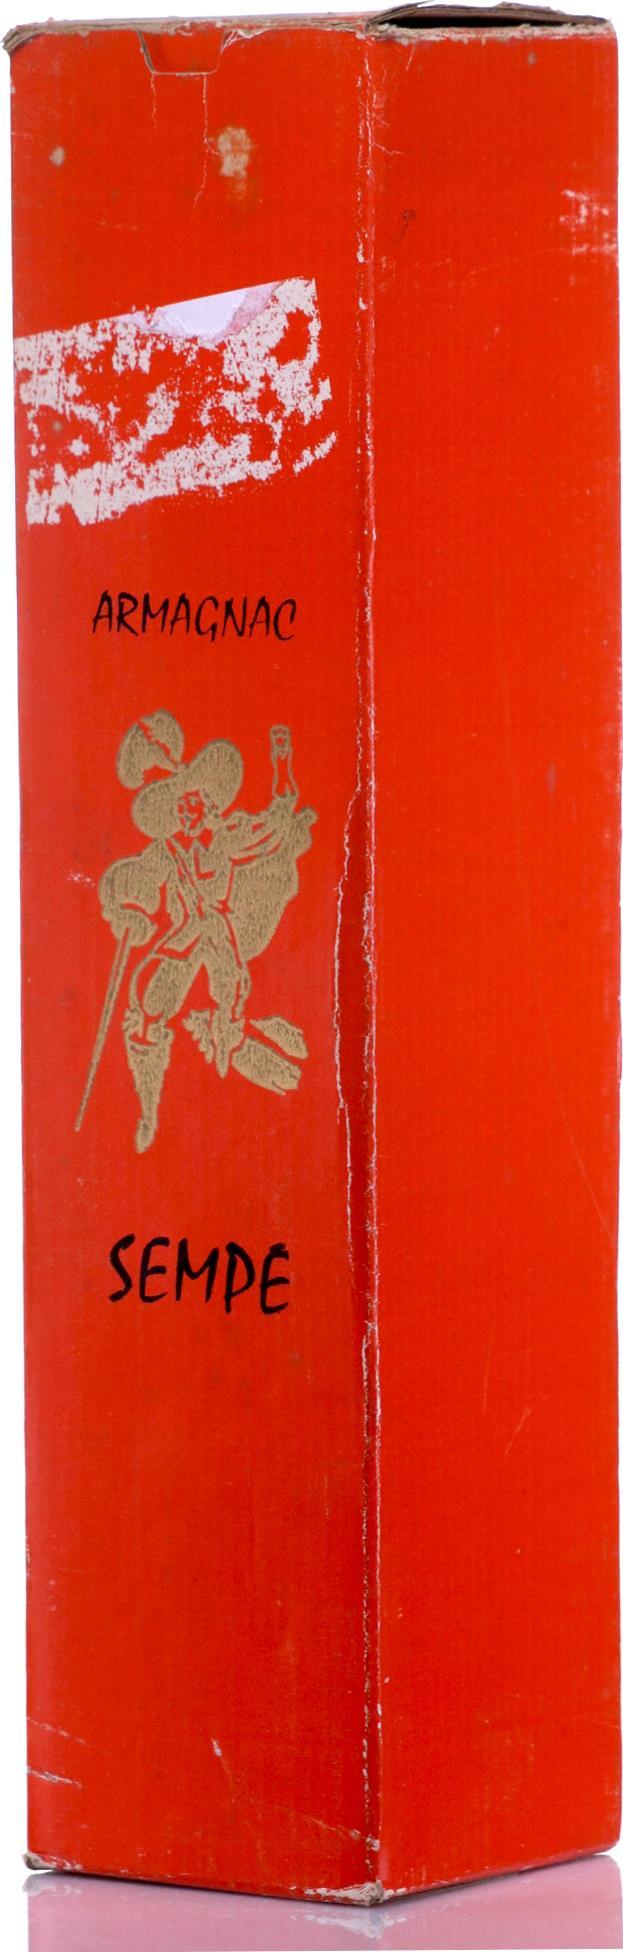 Armagnac NV Sempé